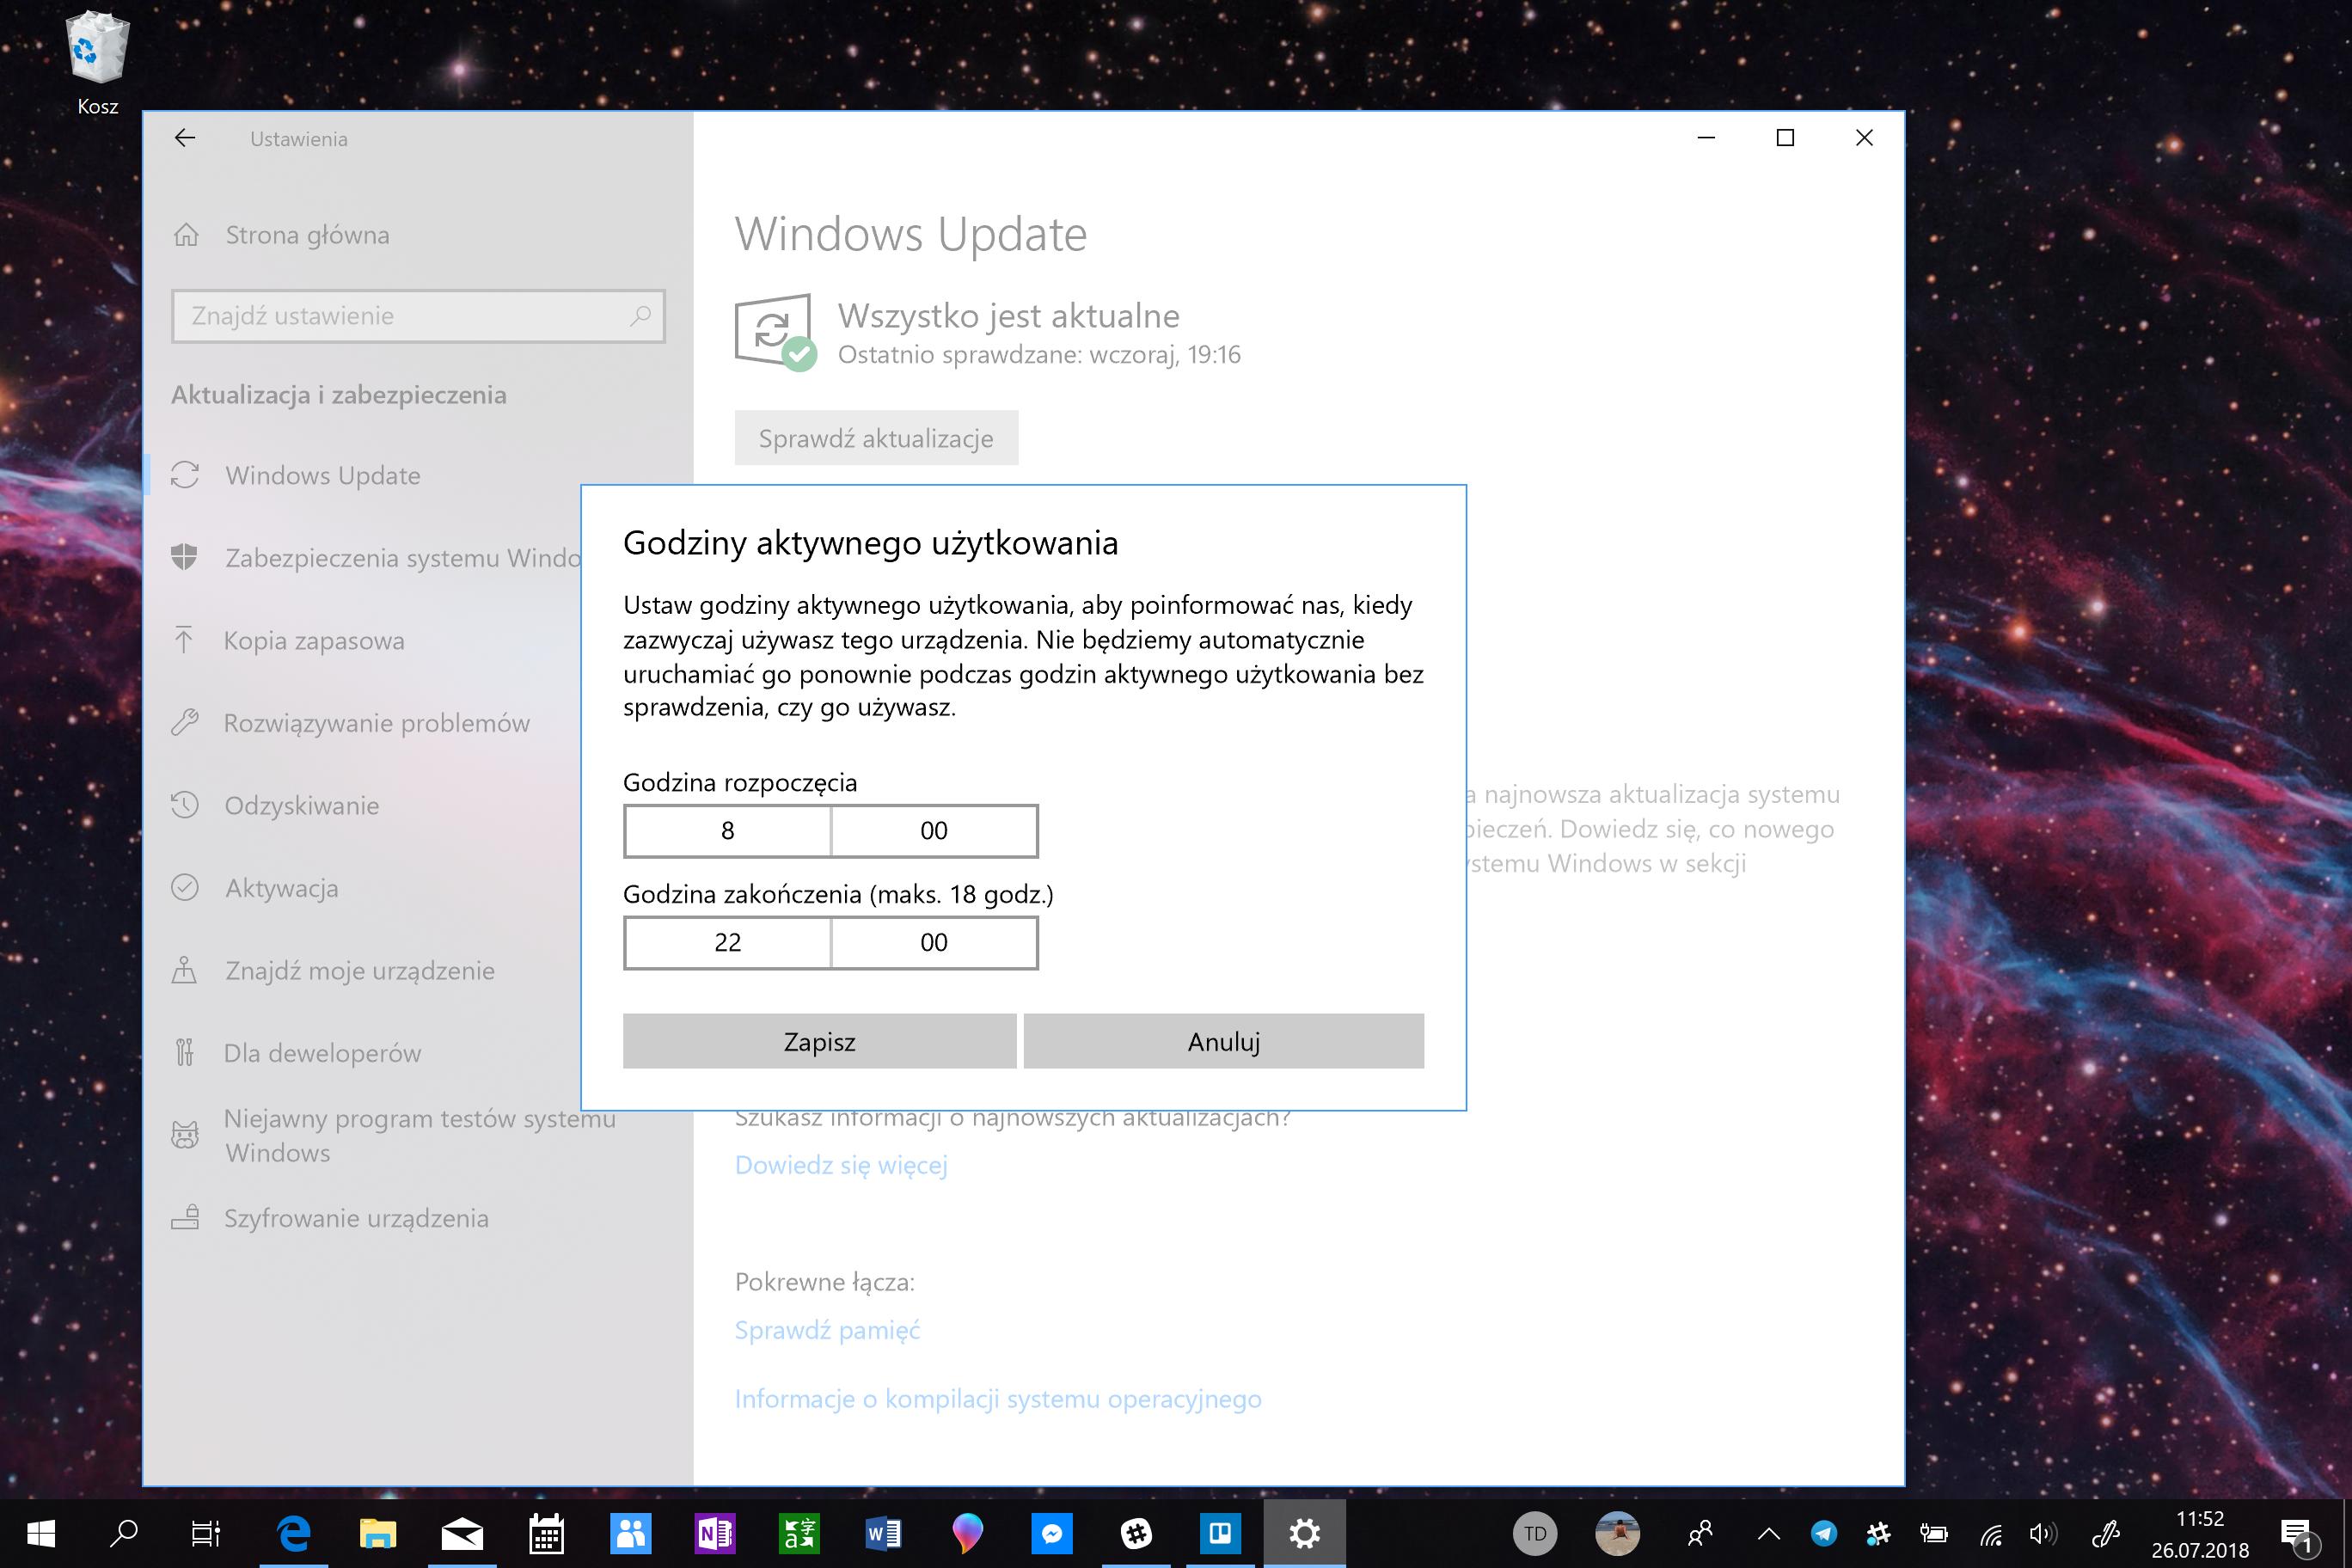 Zmiana w aktualizacji Windowsa